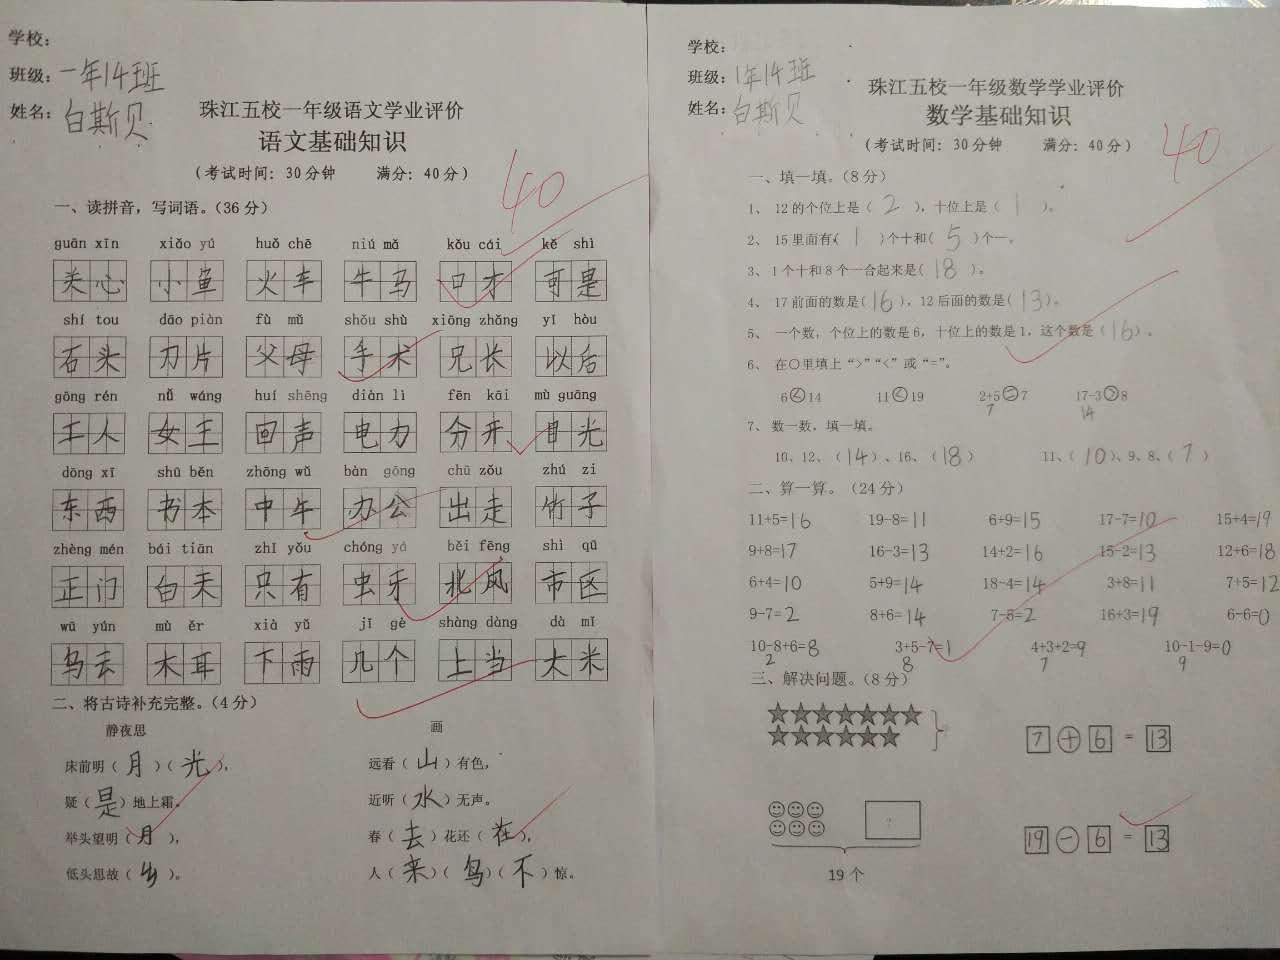 语文和数学期末学业测试卷纸